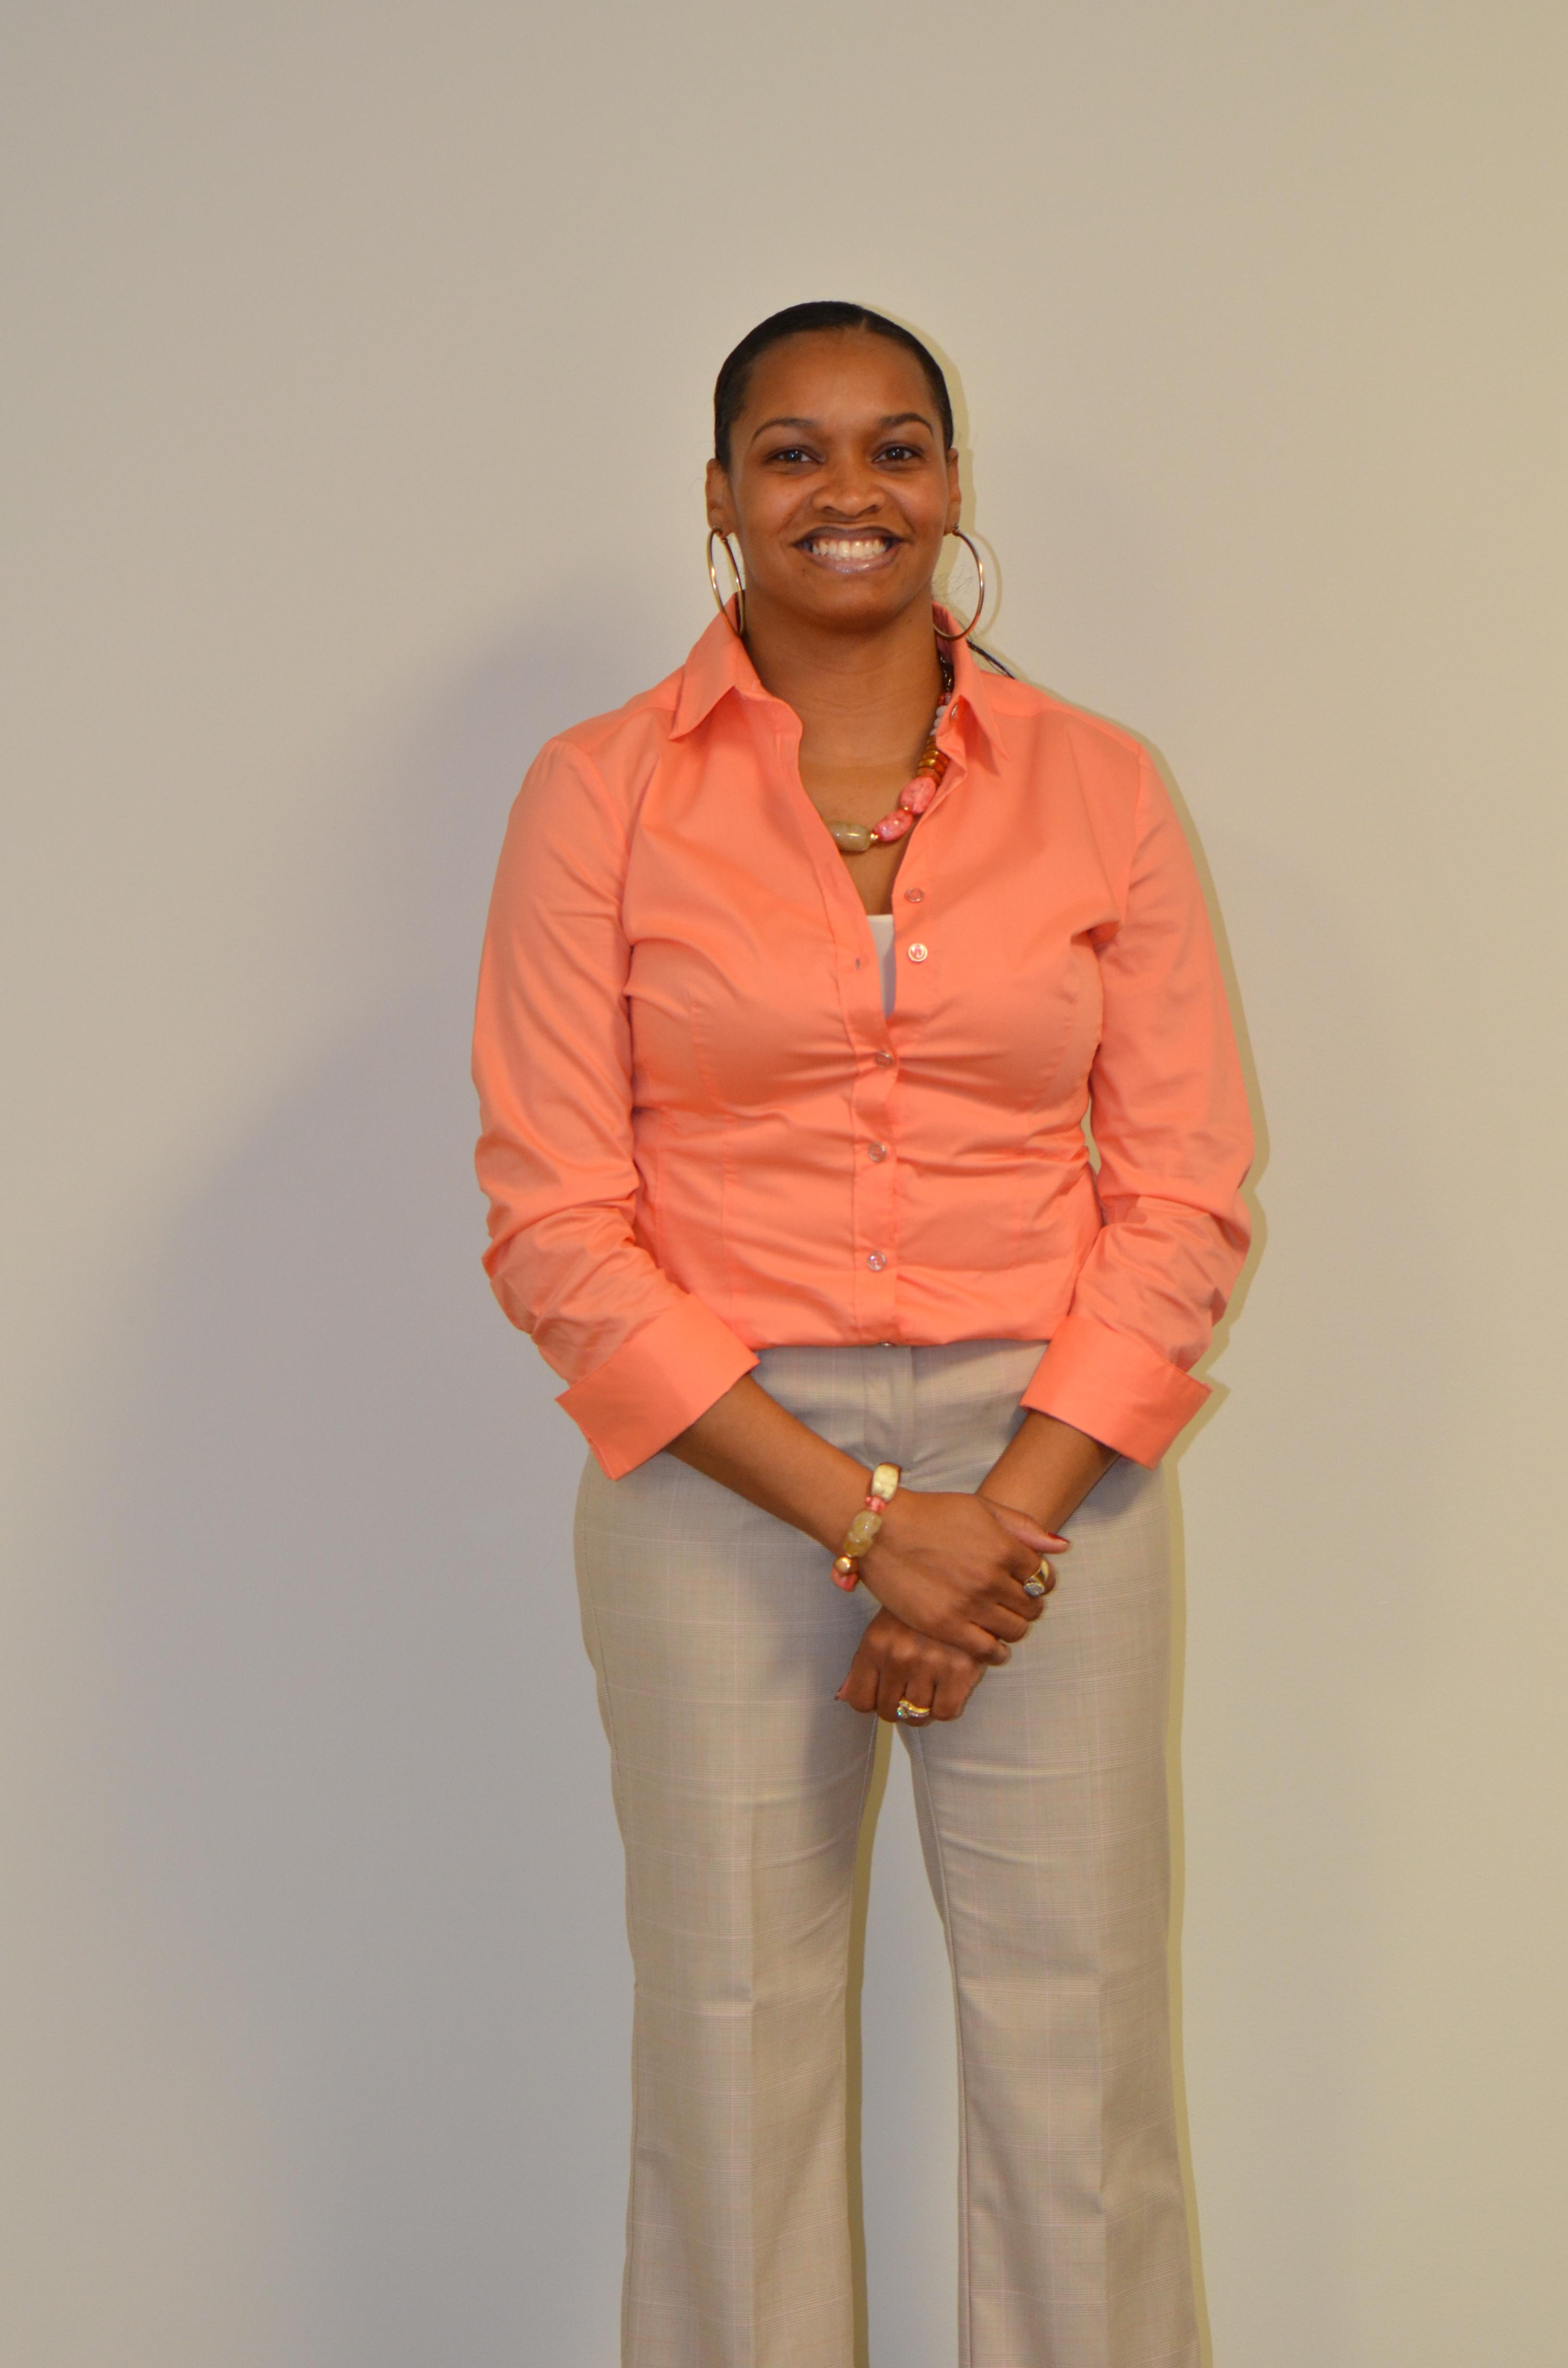 Minister Shenita Roberts